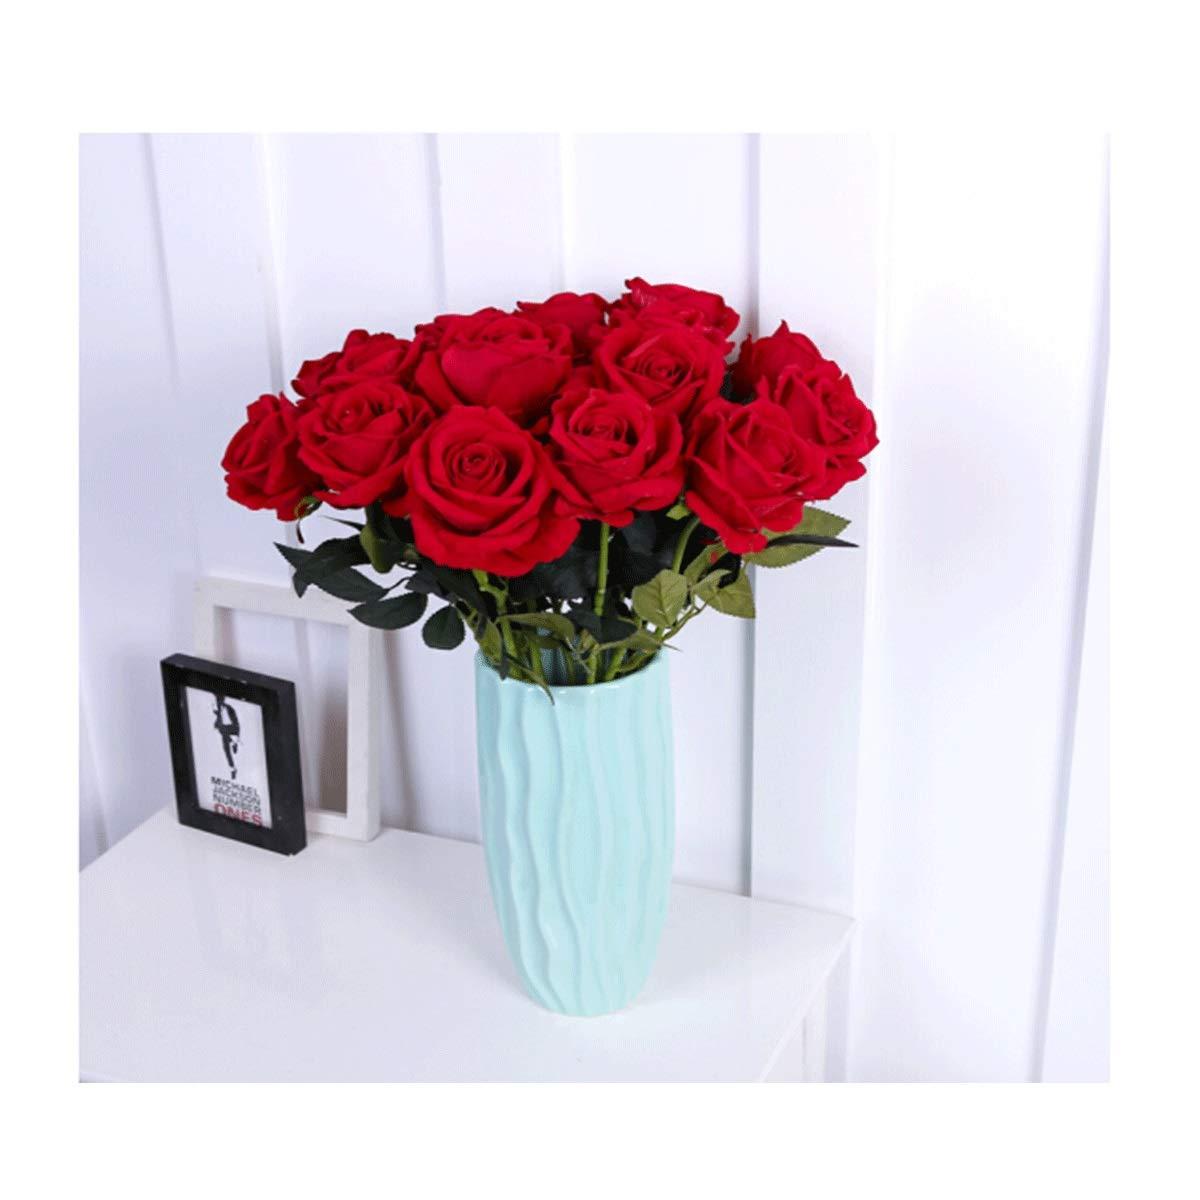 造花セット(花瓶付き)、ローズ/着陸偽花/ドライフラワー/人工ローズ - 居間の装飾/家の装飾/結婚披露宴に使用できます (Color : Flower+vase B) B07SMW532S Flower+vase B